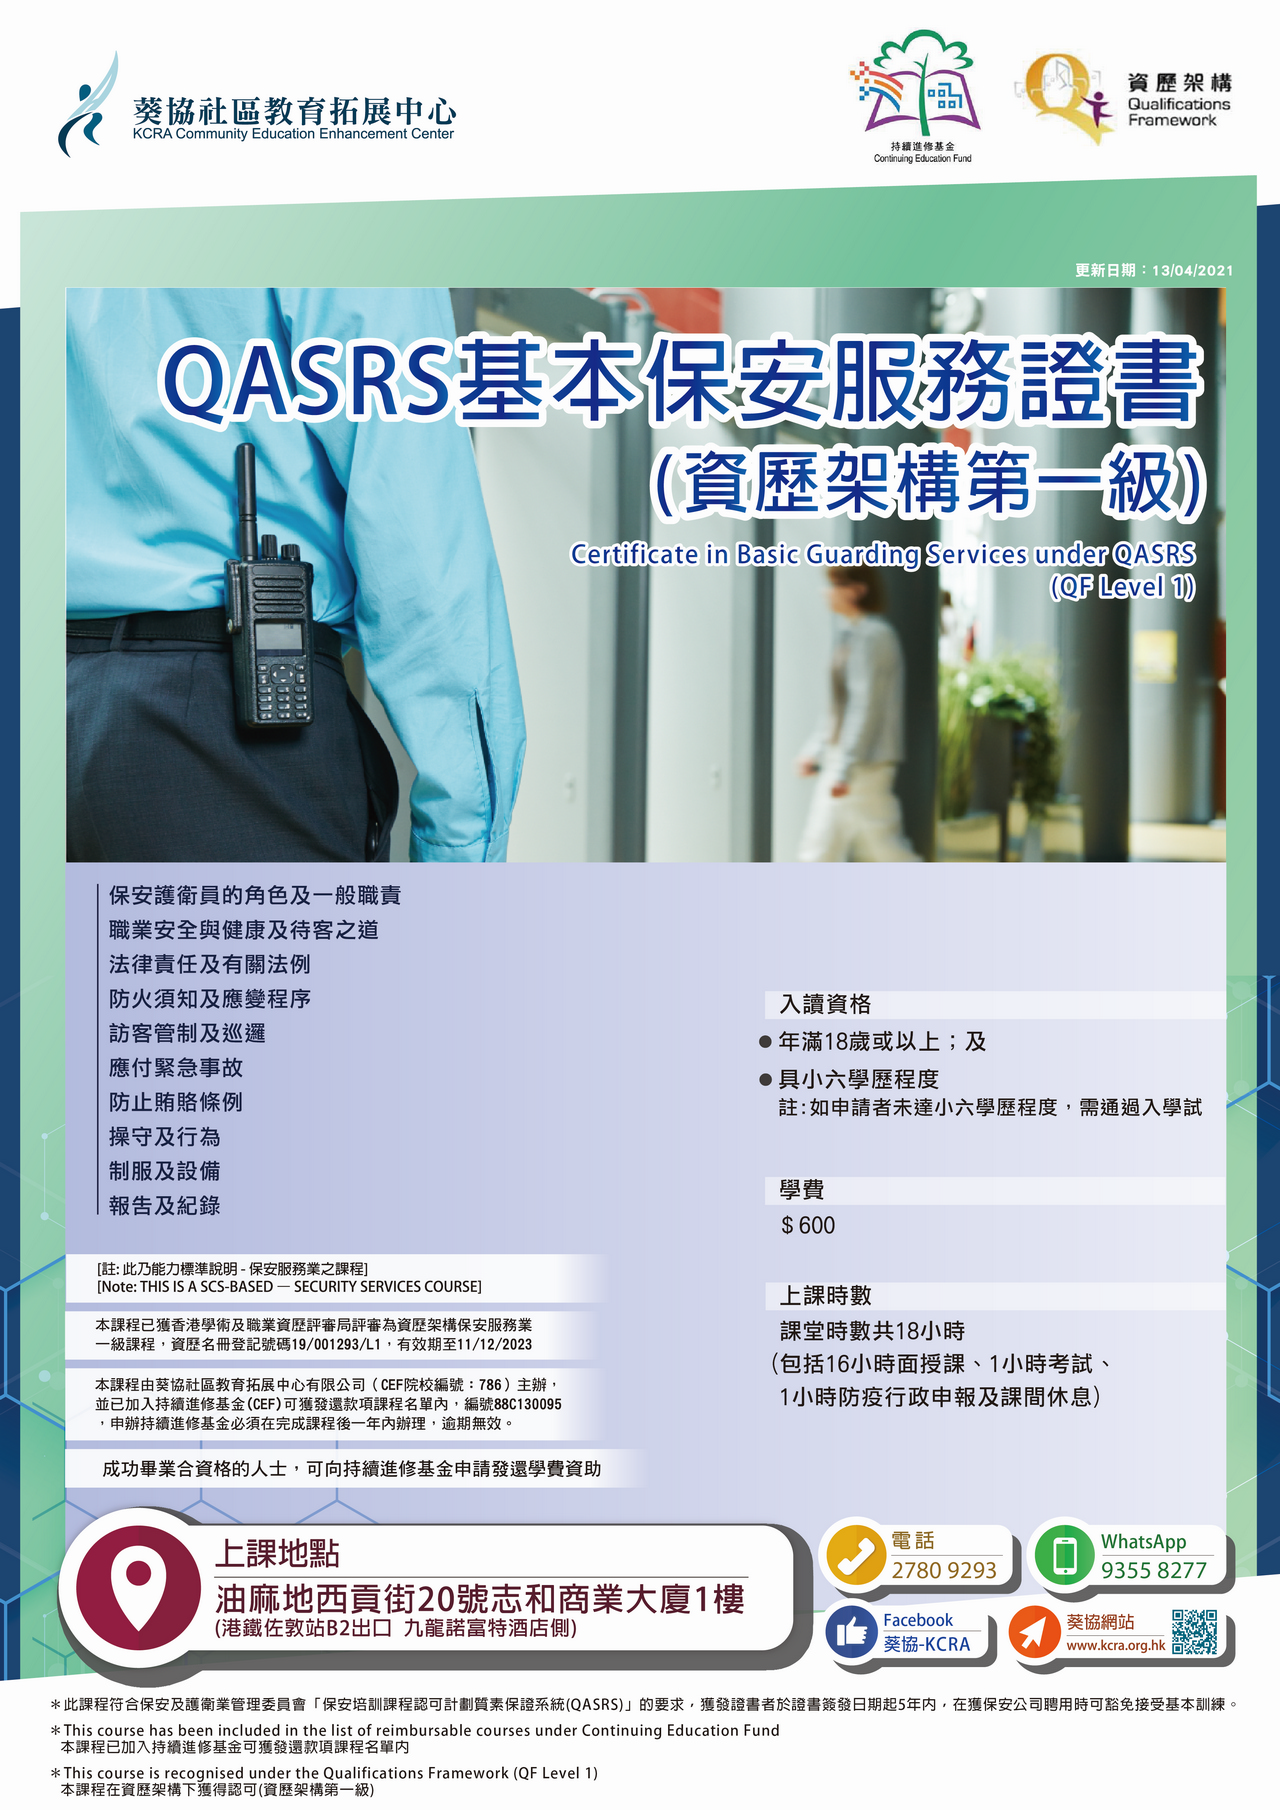 KA0QACQ01P_QASRS